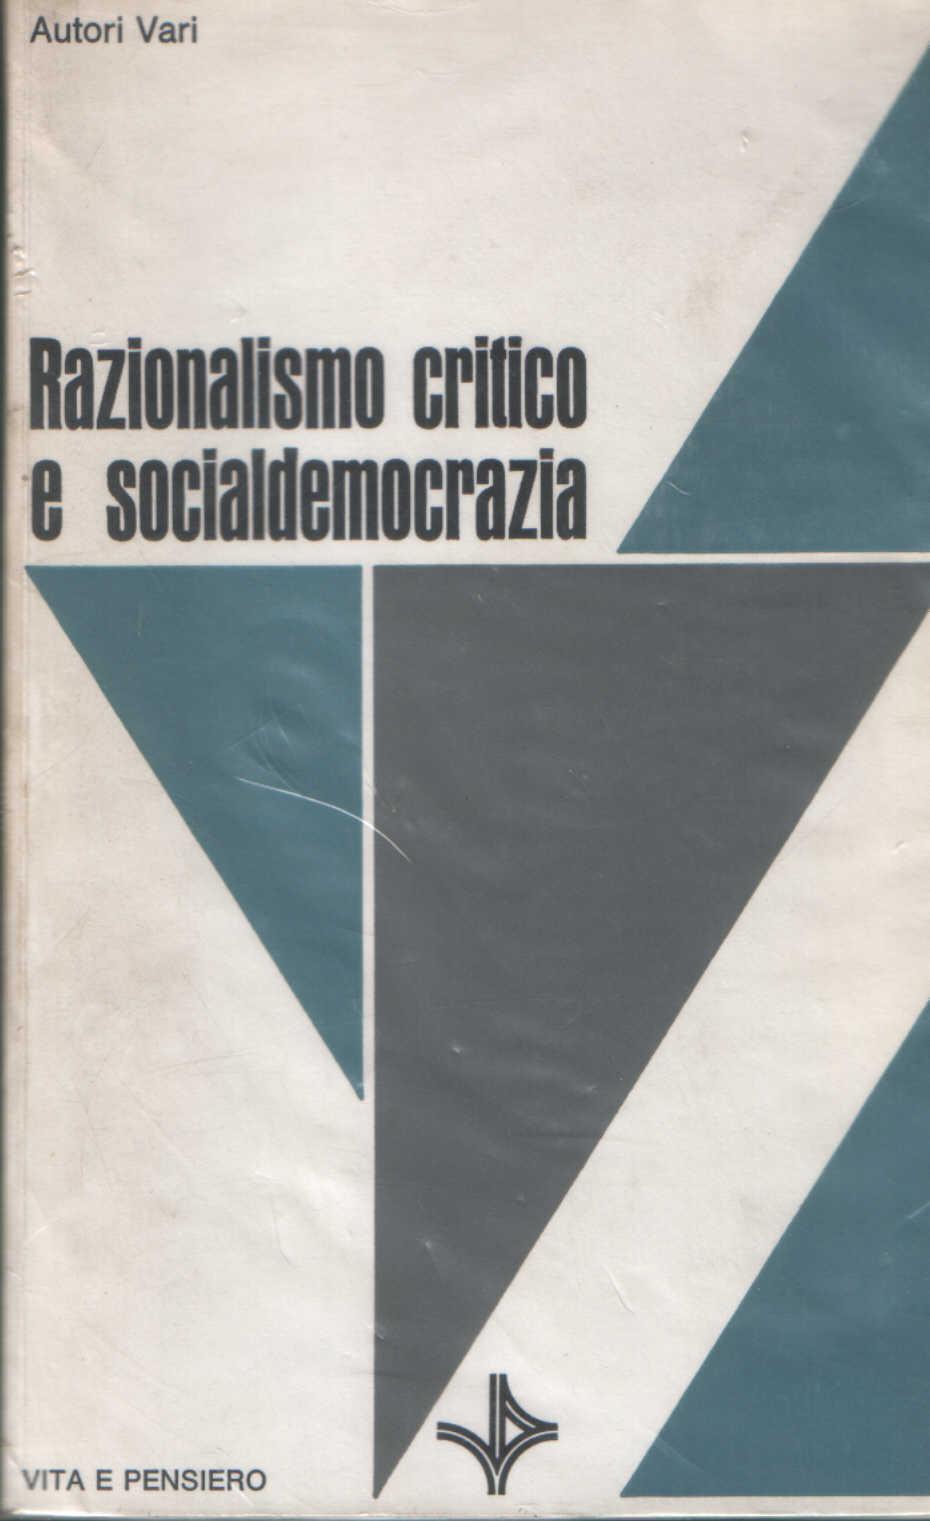 Razionalismo critico e socialdemocrazia